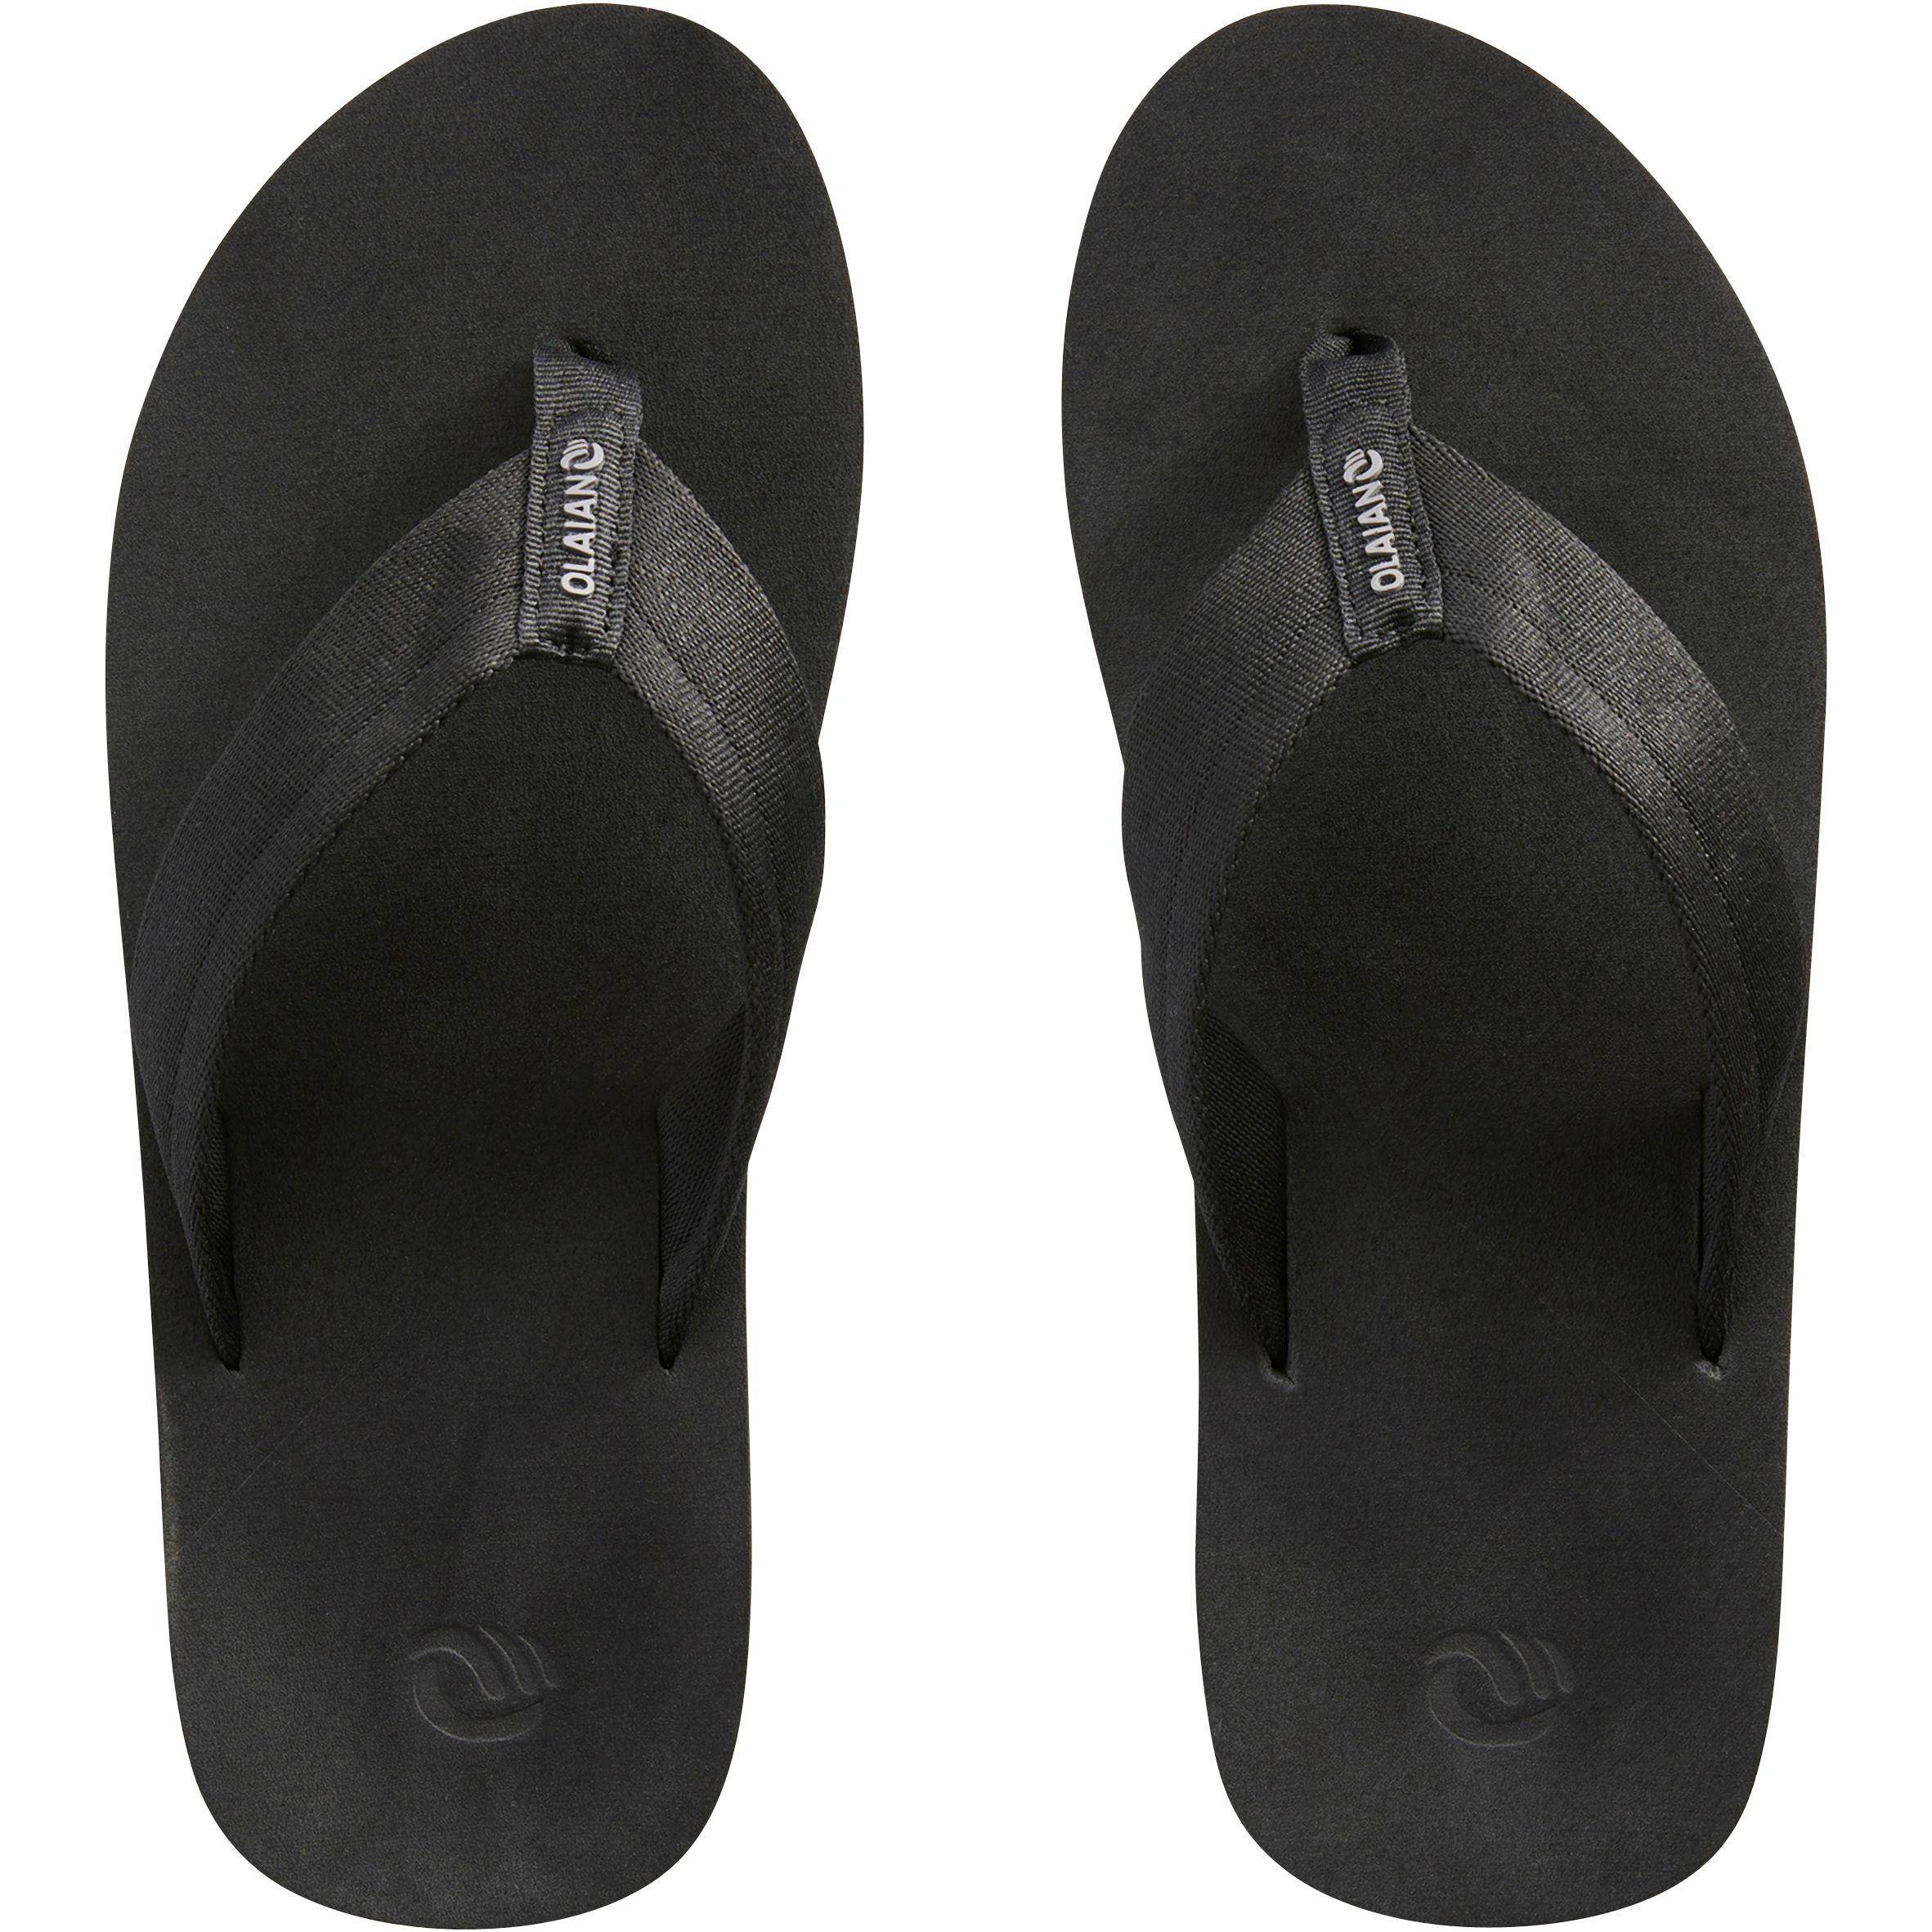 TO 550 M Men's Flip-Flops - Black